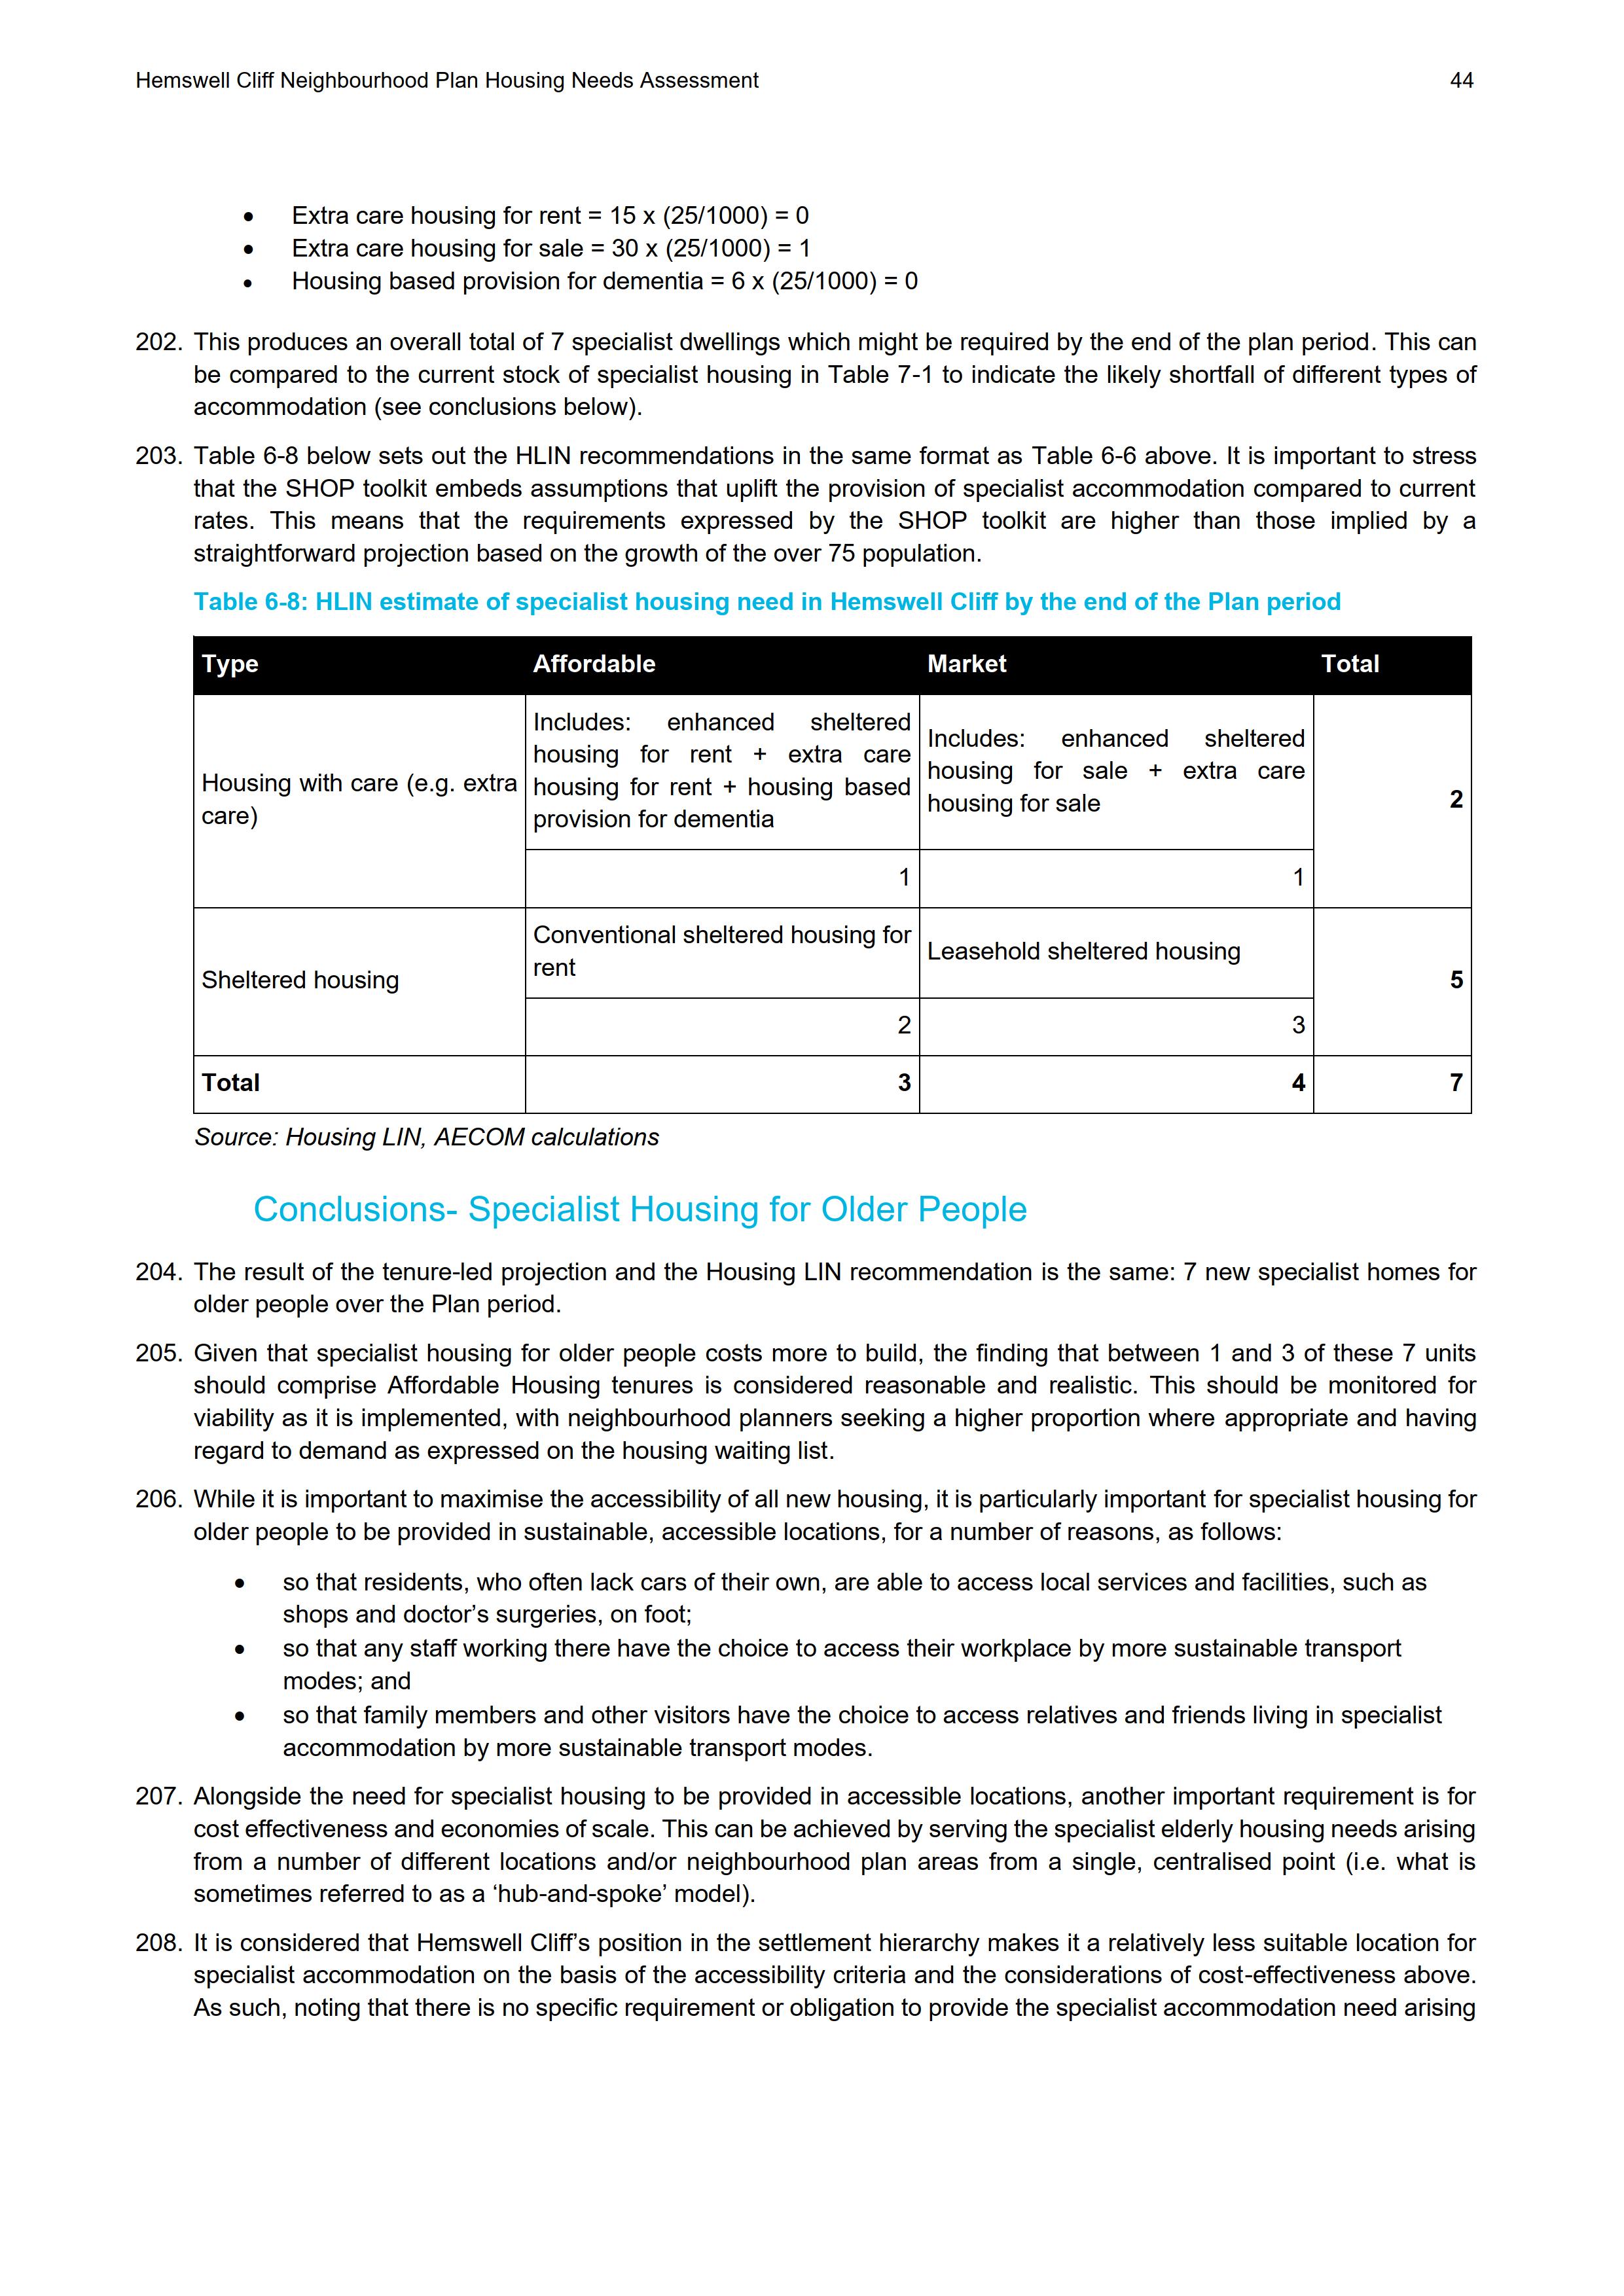 Hemswell_Cliff_Housing_Needs_Assessment_Final_44.png